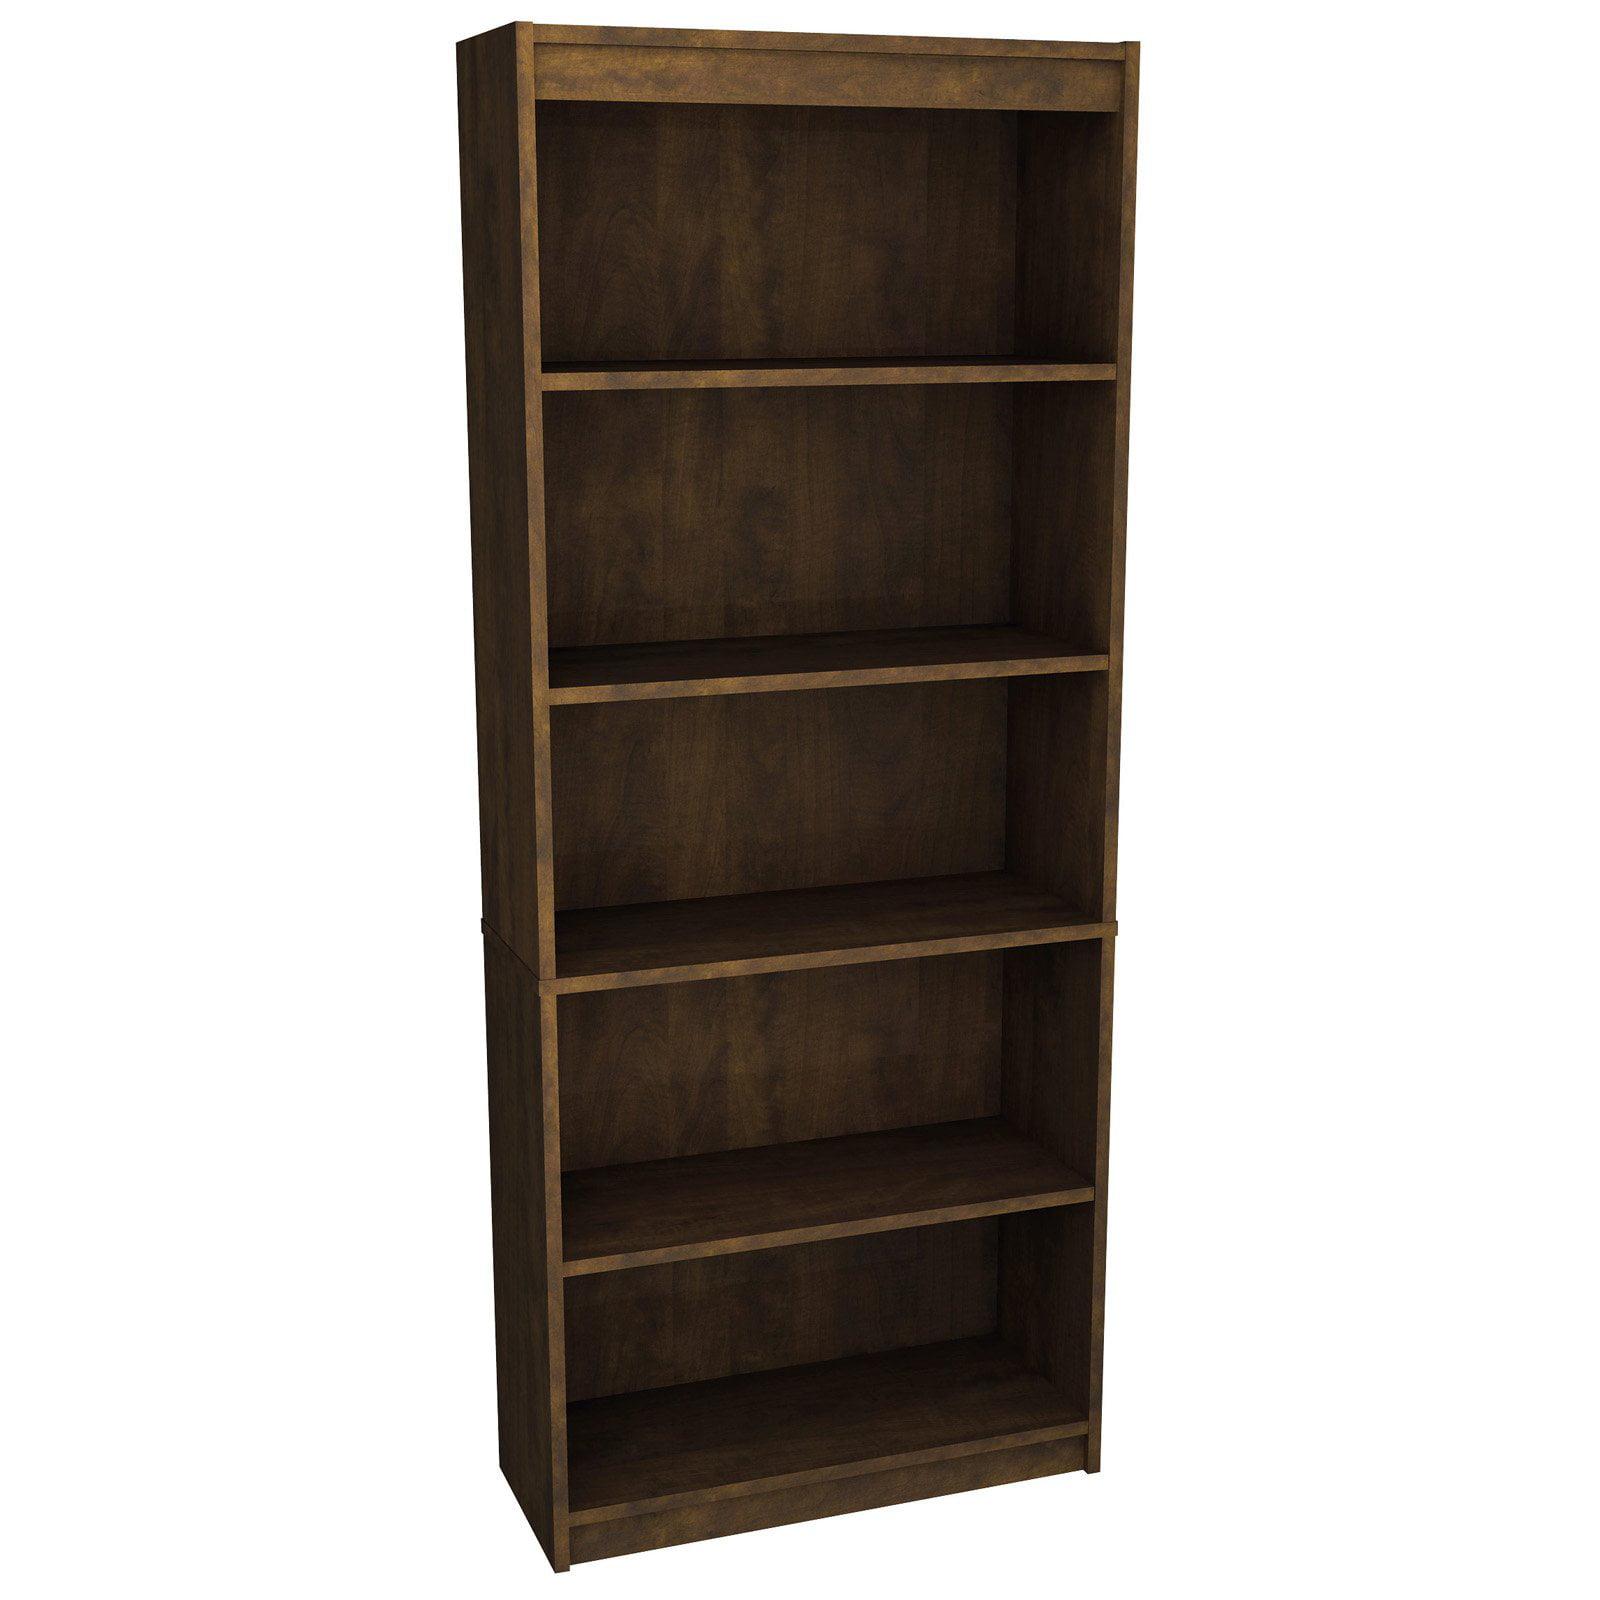 Bestar prestige modular 5 shelf bookcase for Types of bookshelves